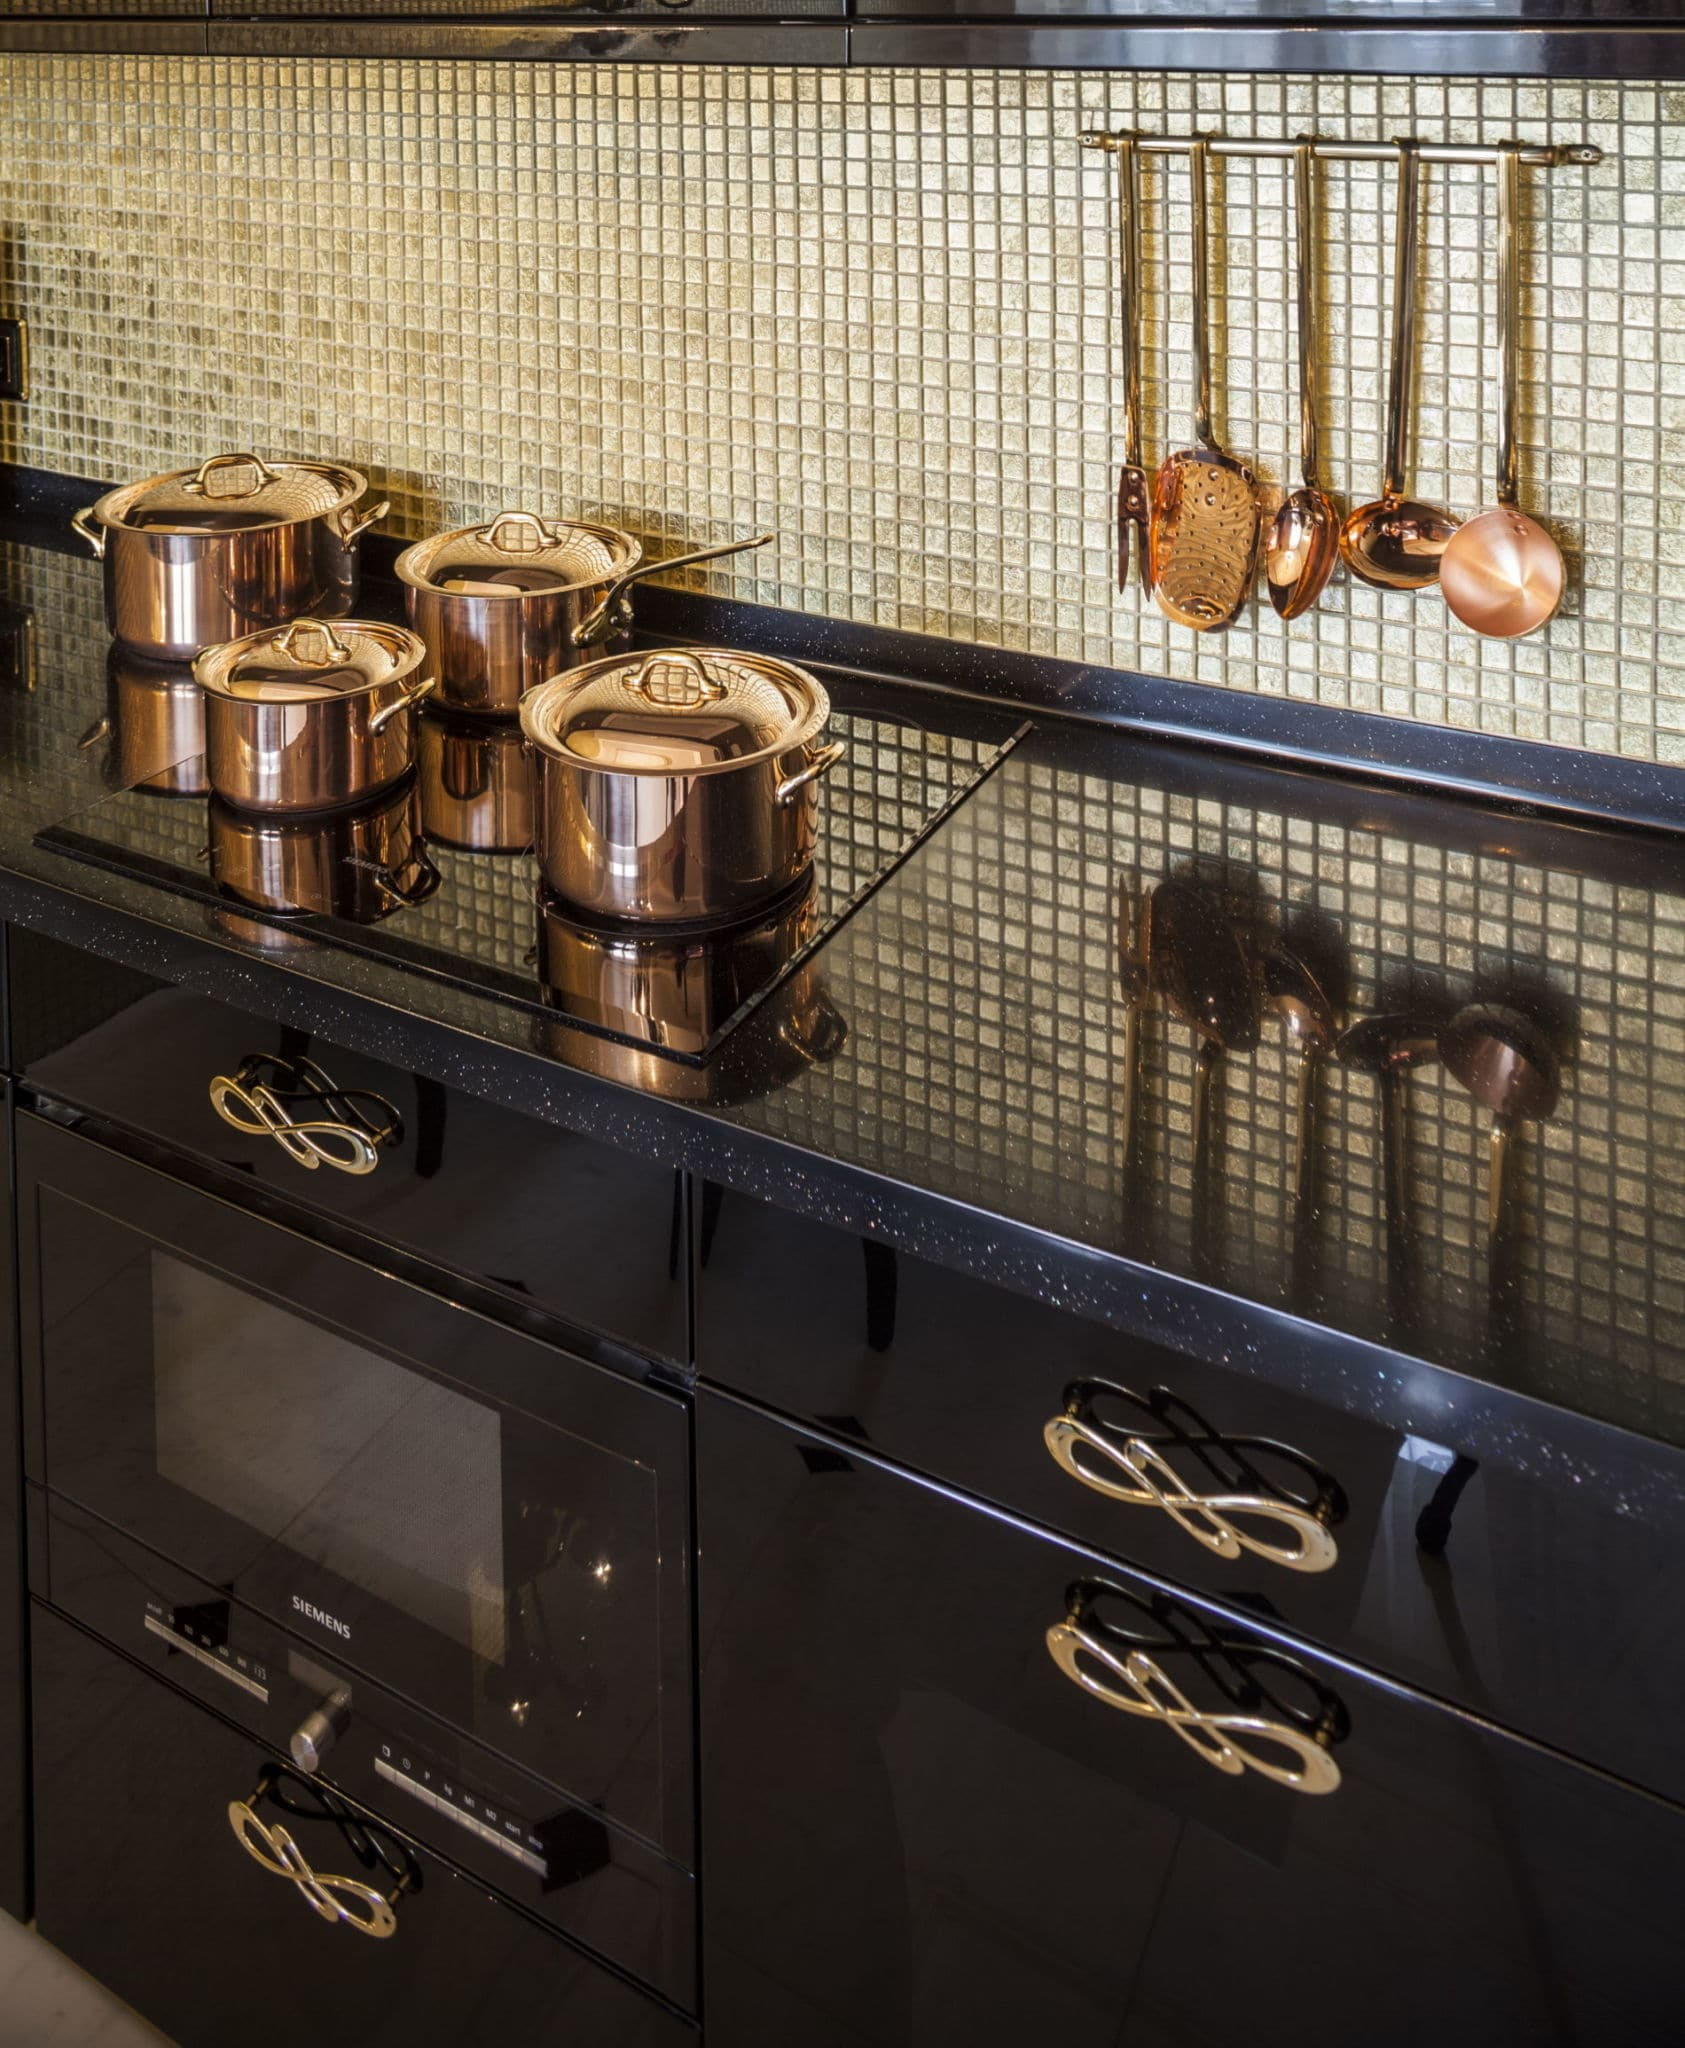 מטבח מושללם בעיצוב מרהיב דגם בלאק גולד